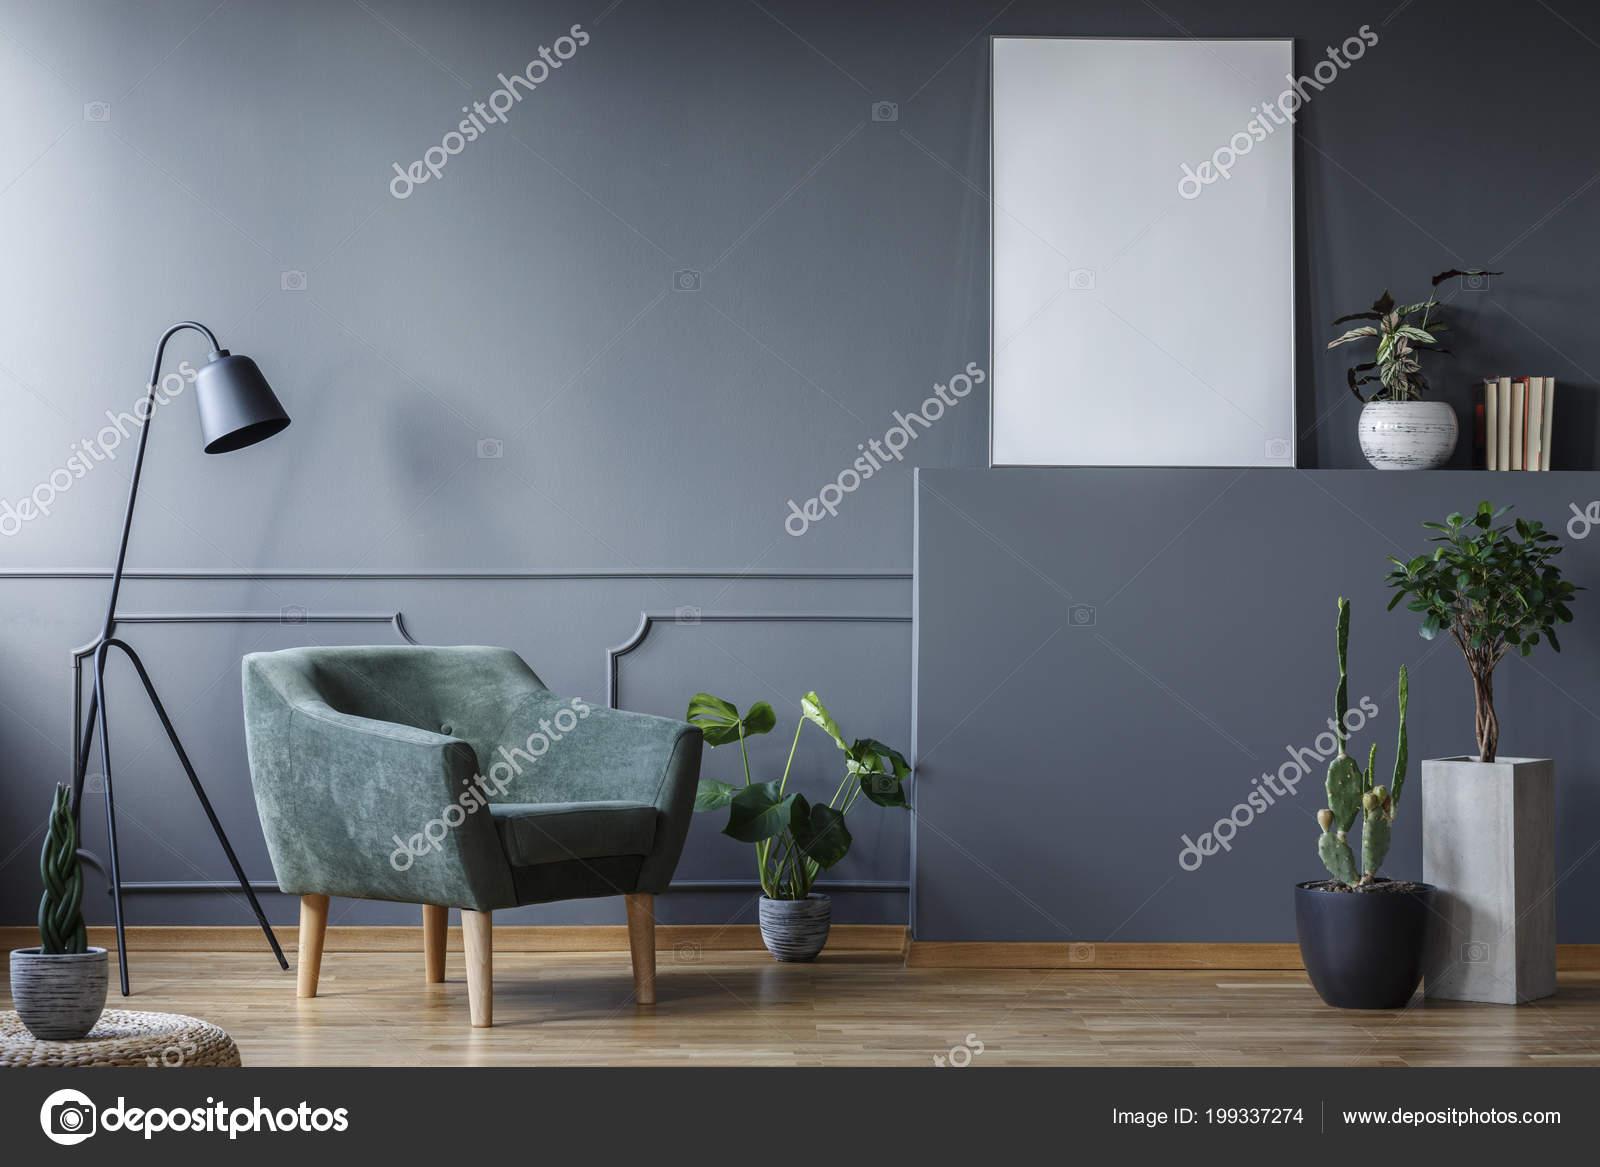 Zwarte lamp naast groene fauteuil woonkamer interieur met planten